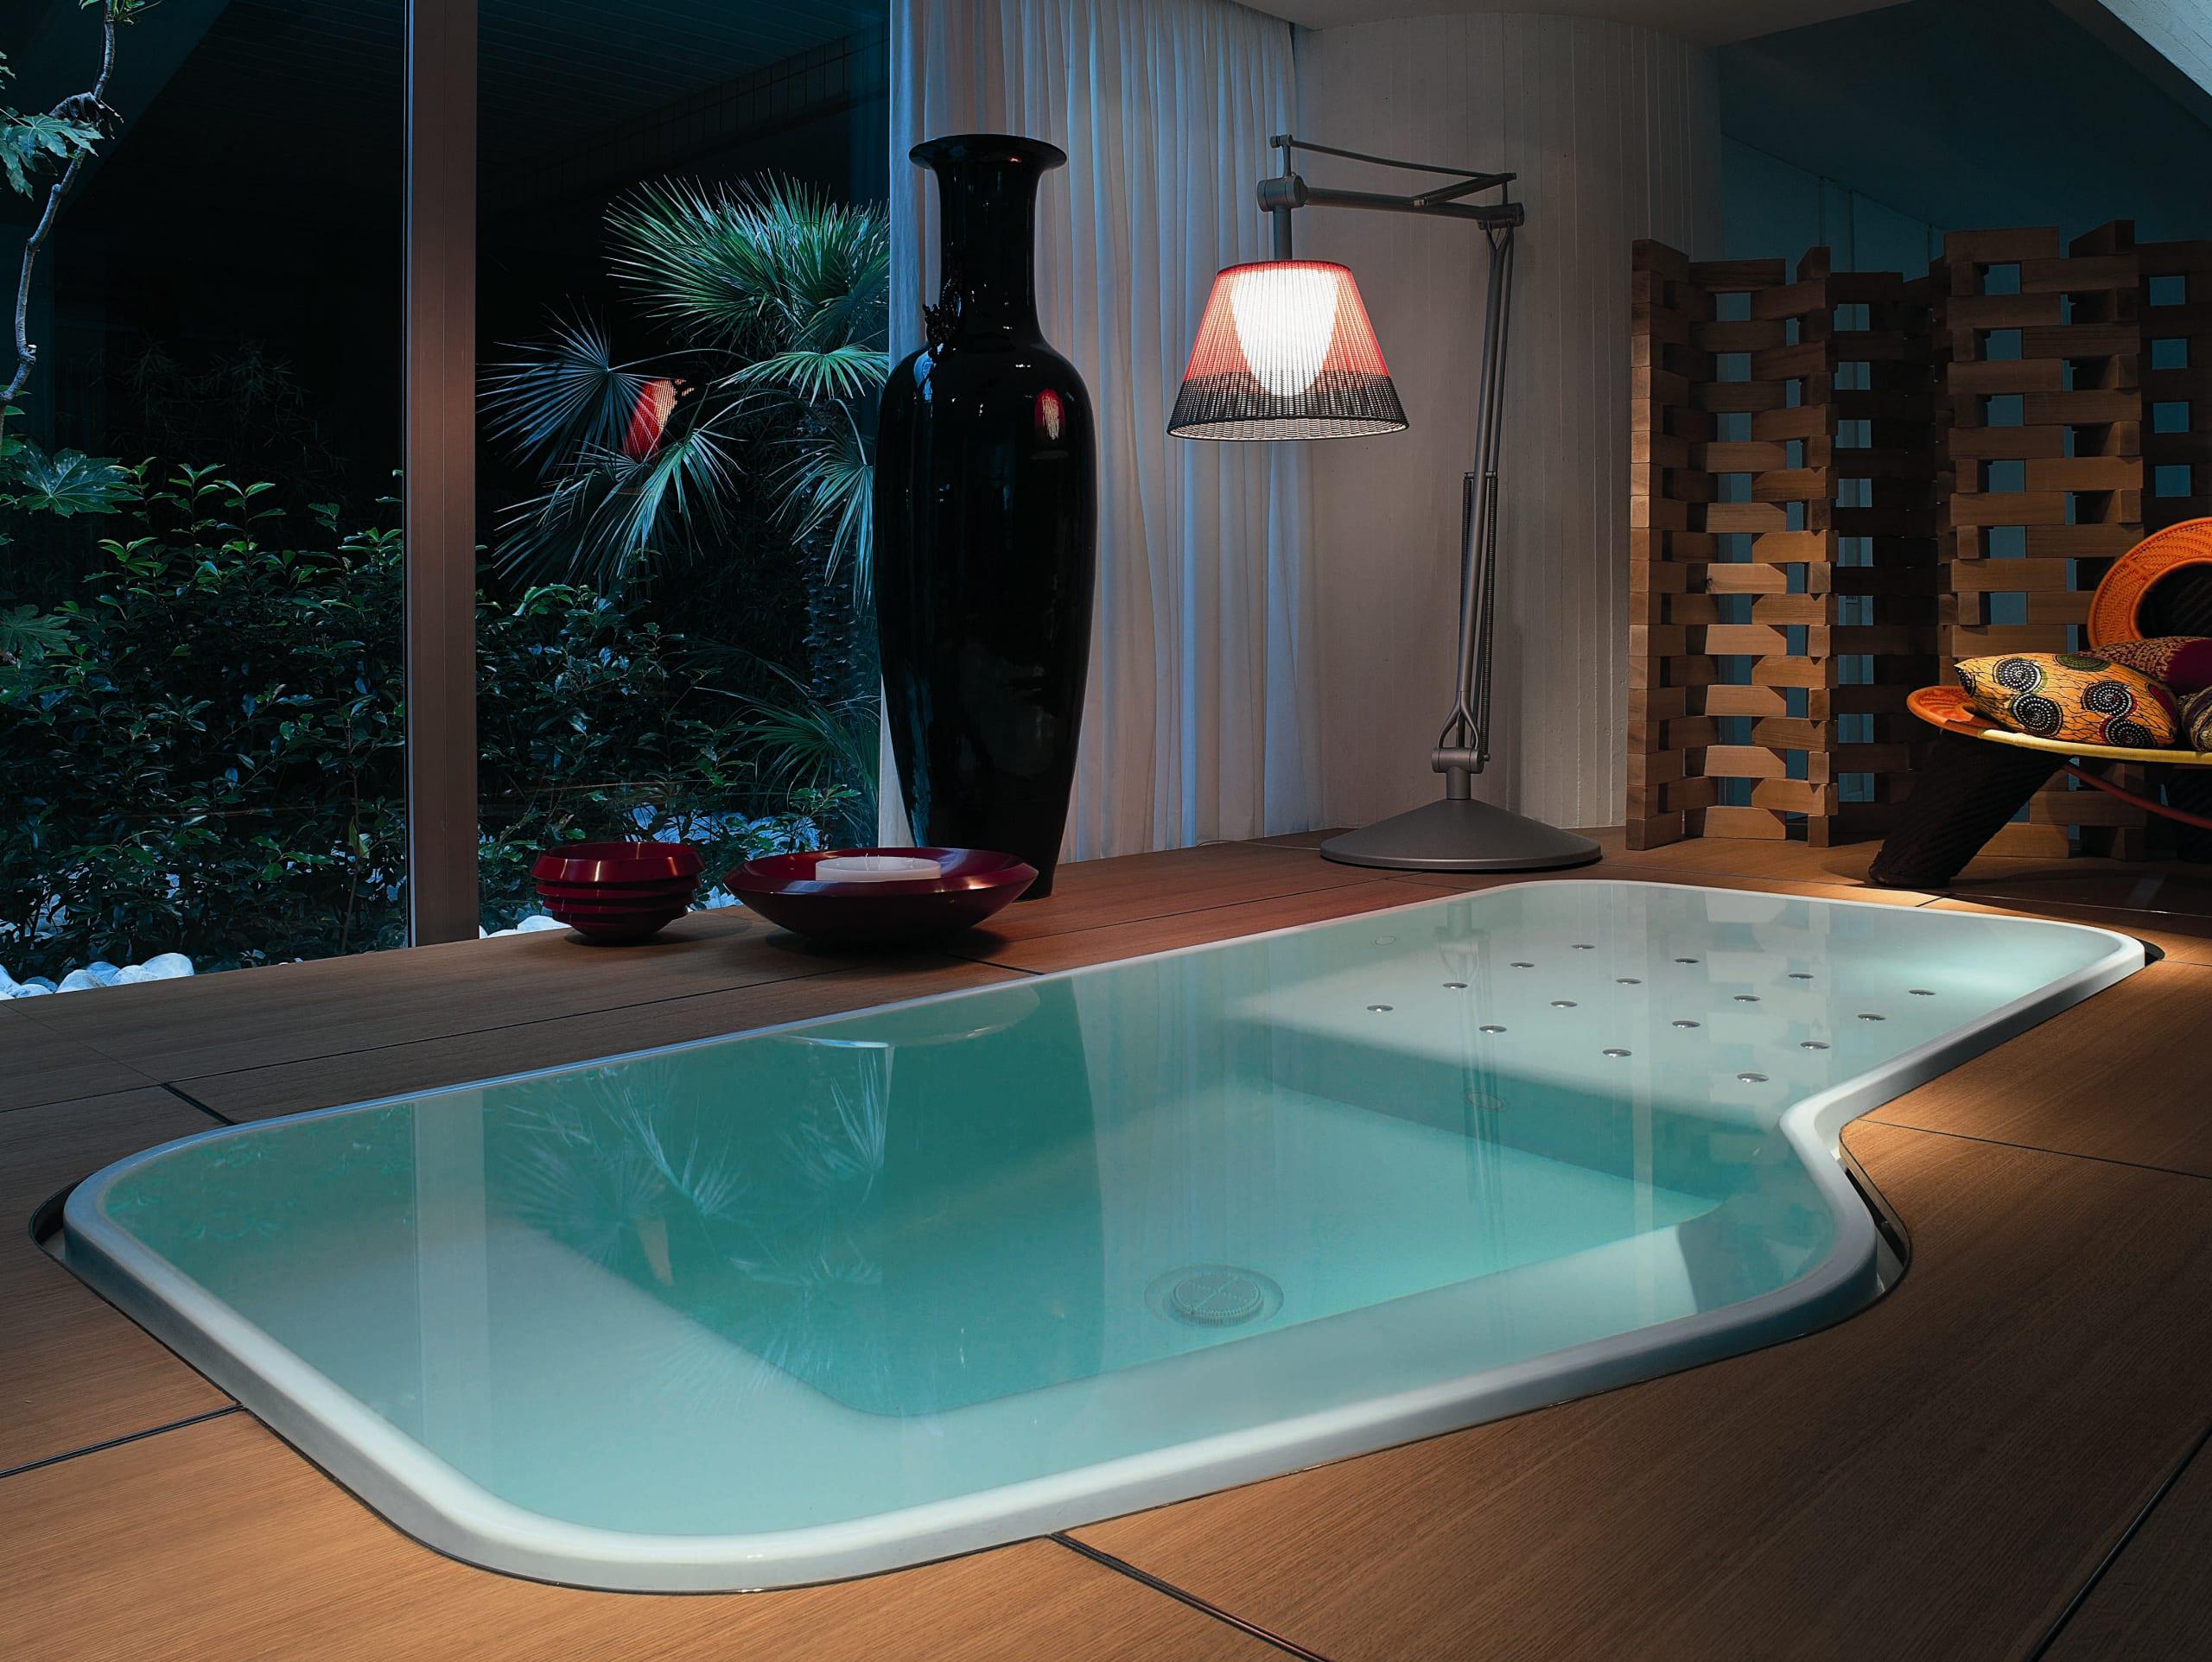 modernes badezimmer- badezimmer gestaltung mit schwarzer vase und stehleuchte-holzboden badezimmer